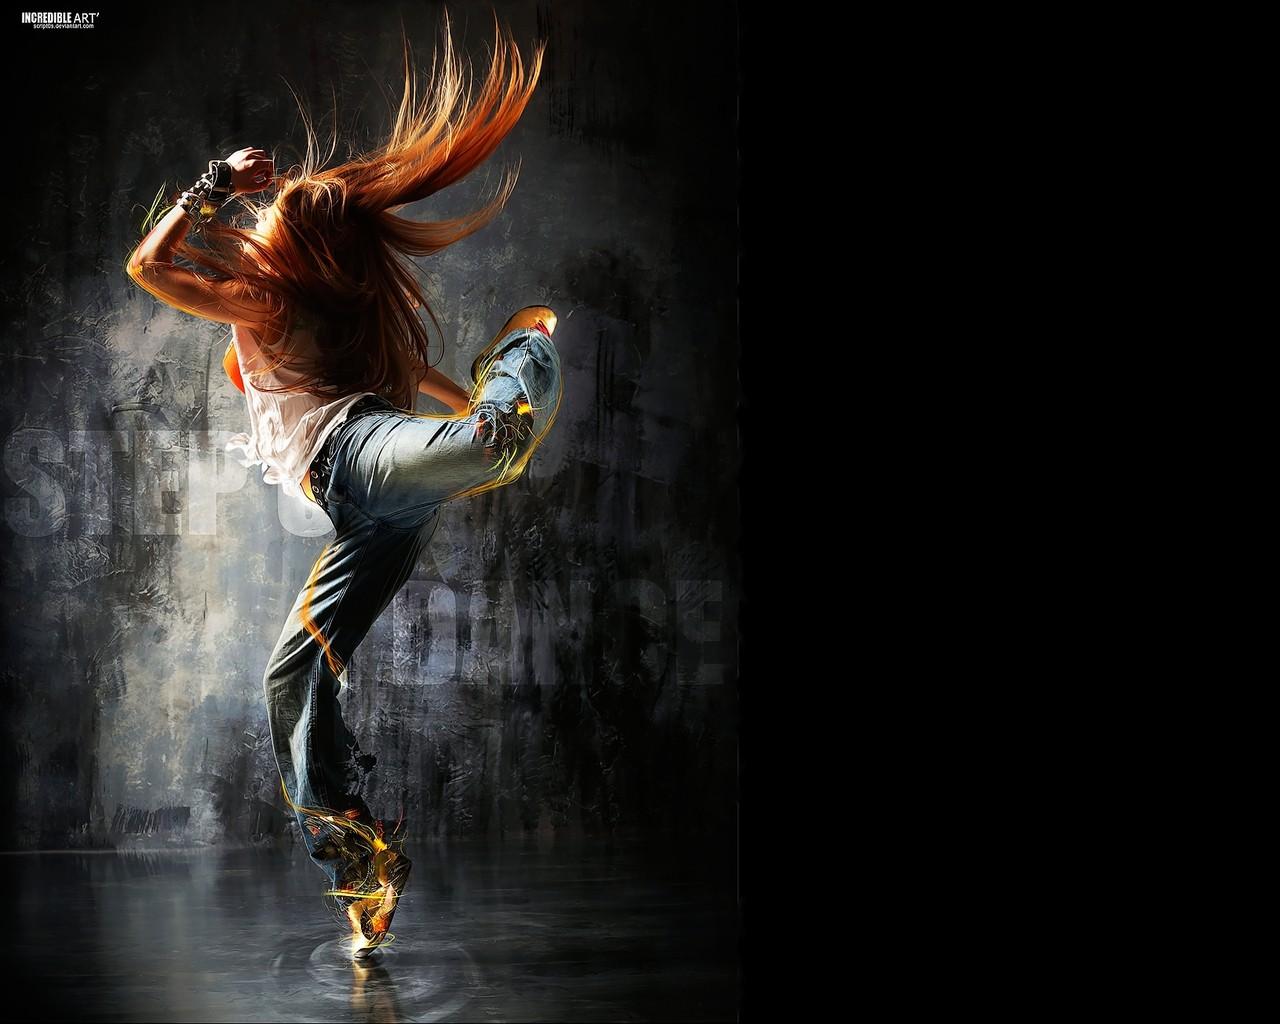 dancing wallpaper wallpapersafari